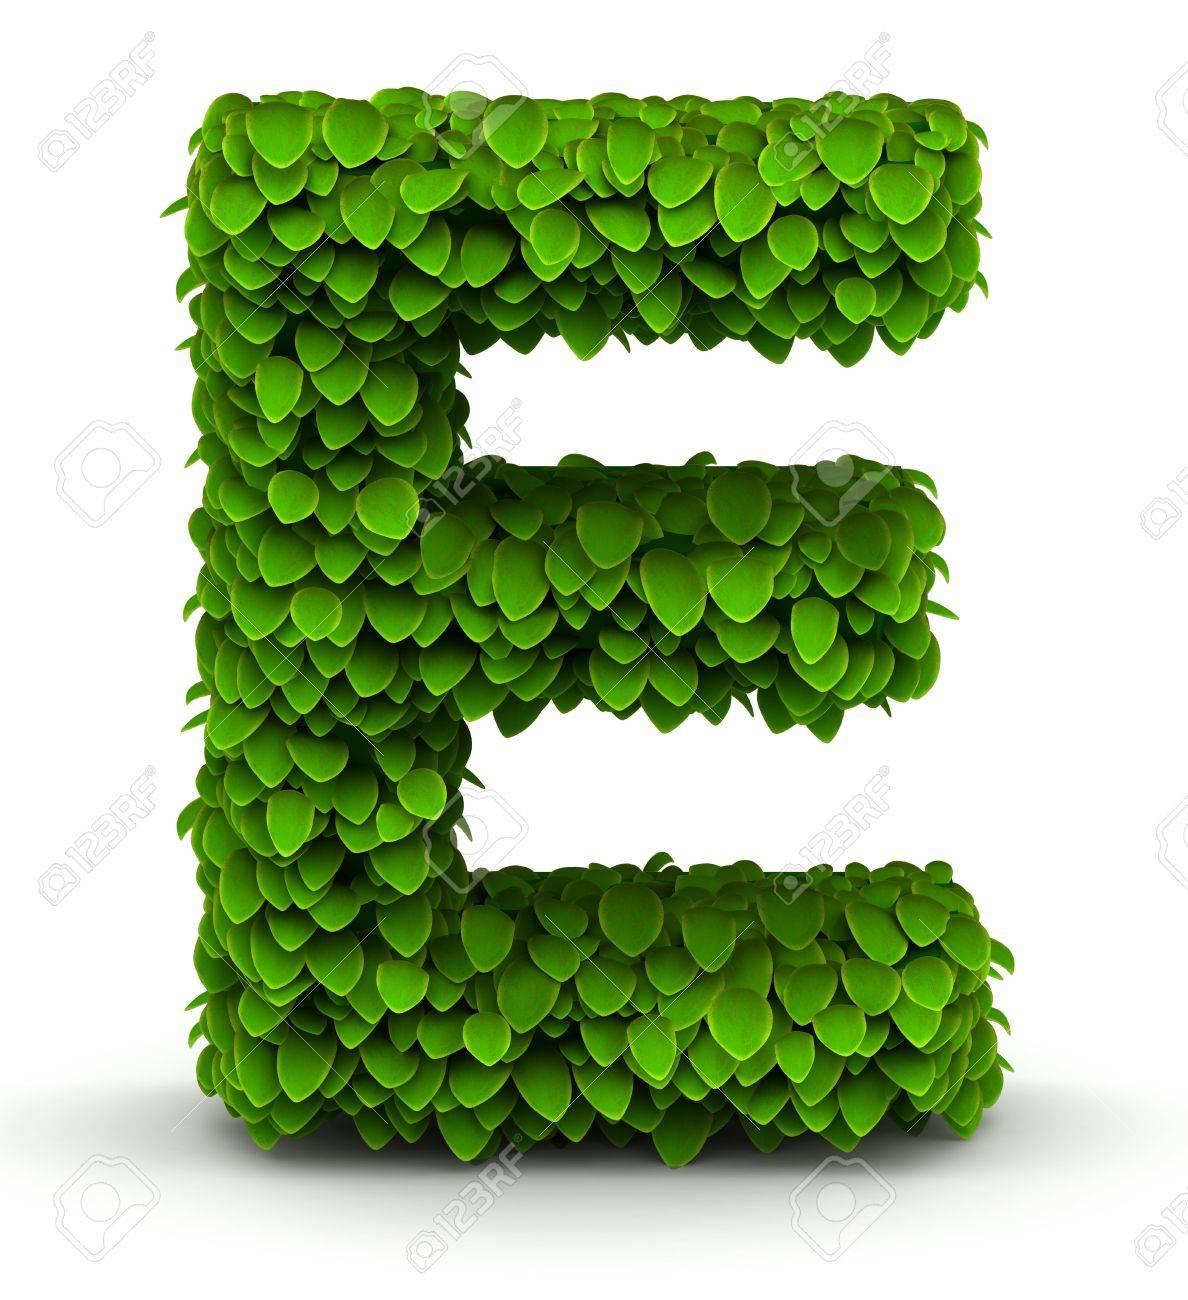 Leaves alphabet font letter e on white background stock photo leaves alphabet font letter e on white background stock photo 21304678 biocorpaavc Gallery